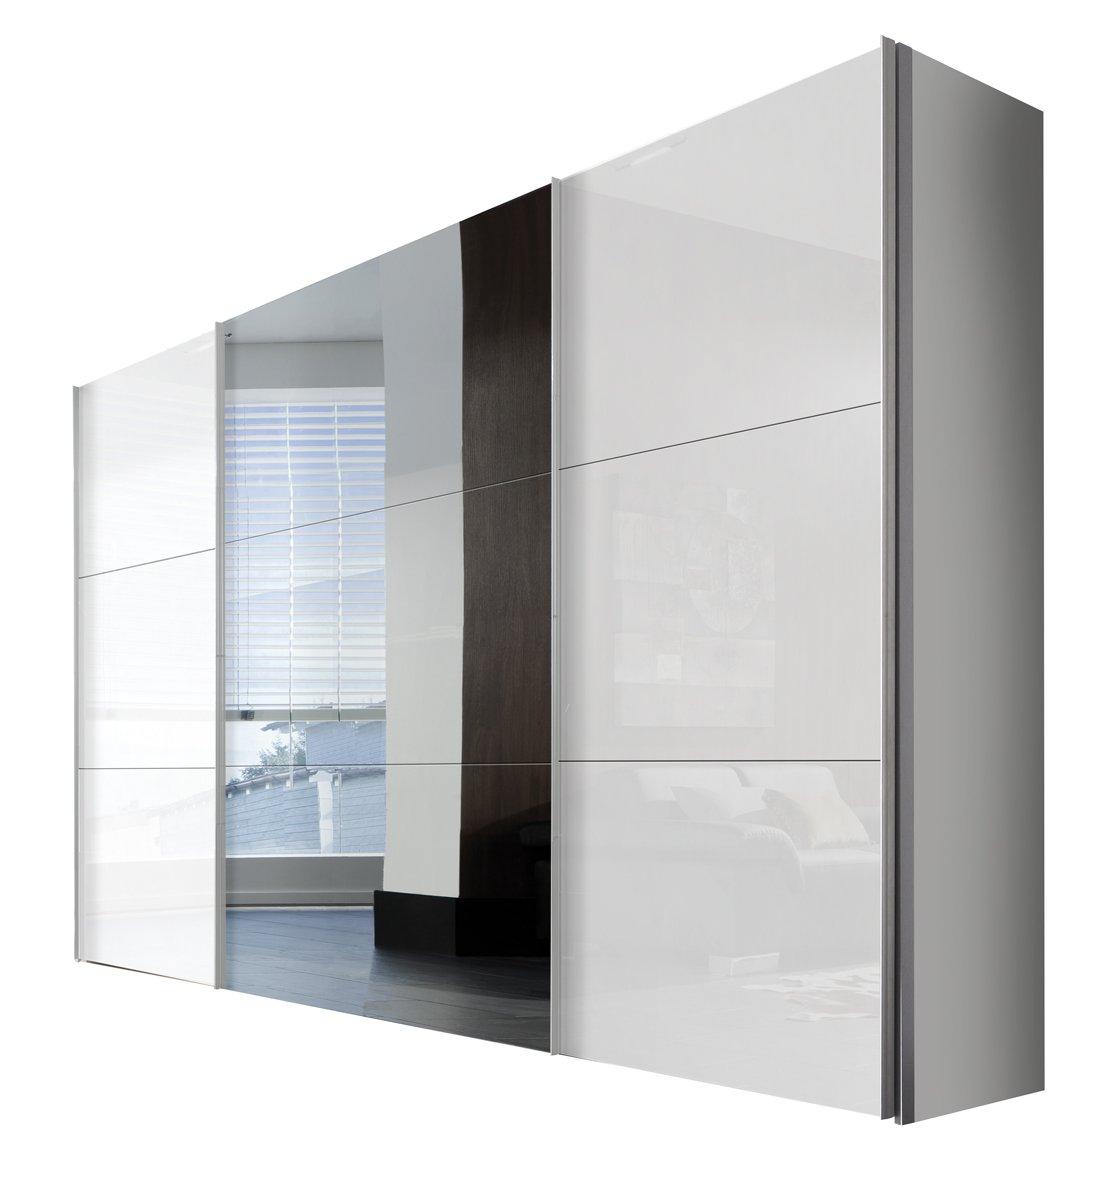 spiegel gnstig elegant spiegel mit beleuchtung gnstig badezimmer fliesen mit badspiegel led. Black Bedroom Furniture Sets. Home Design Ideas